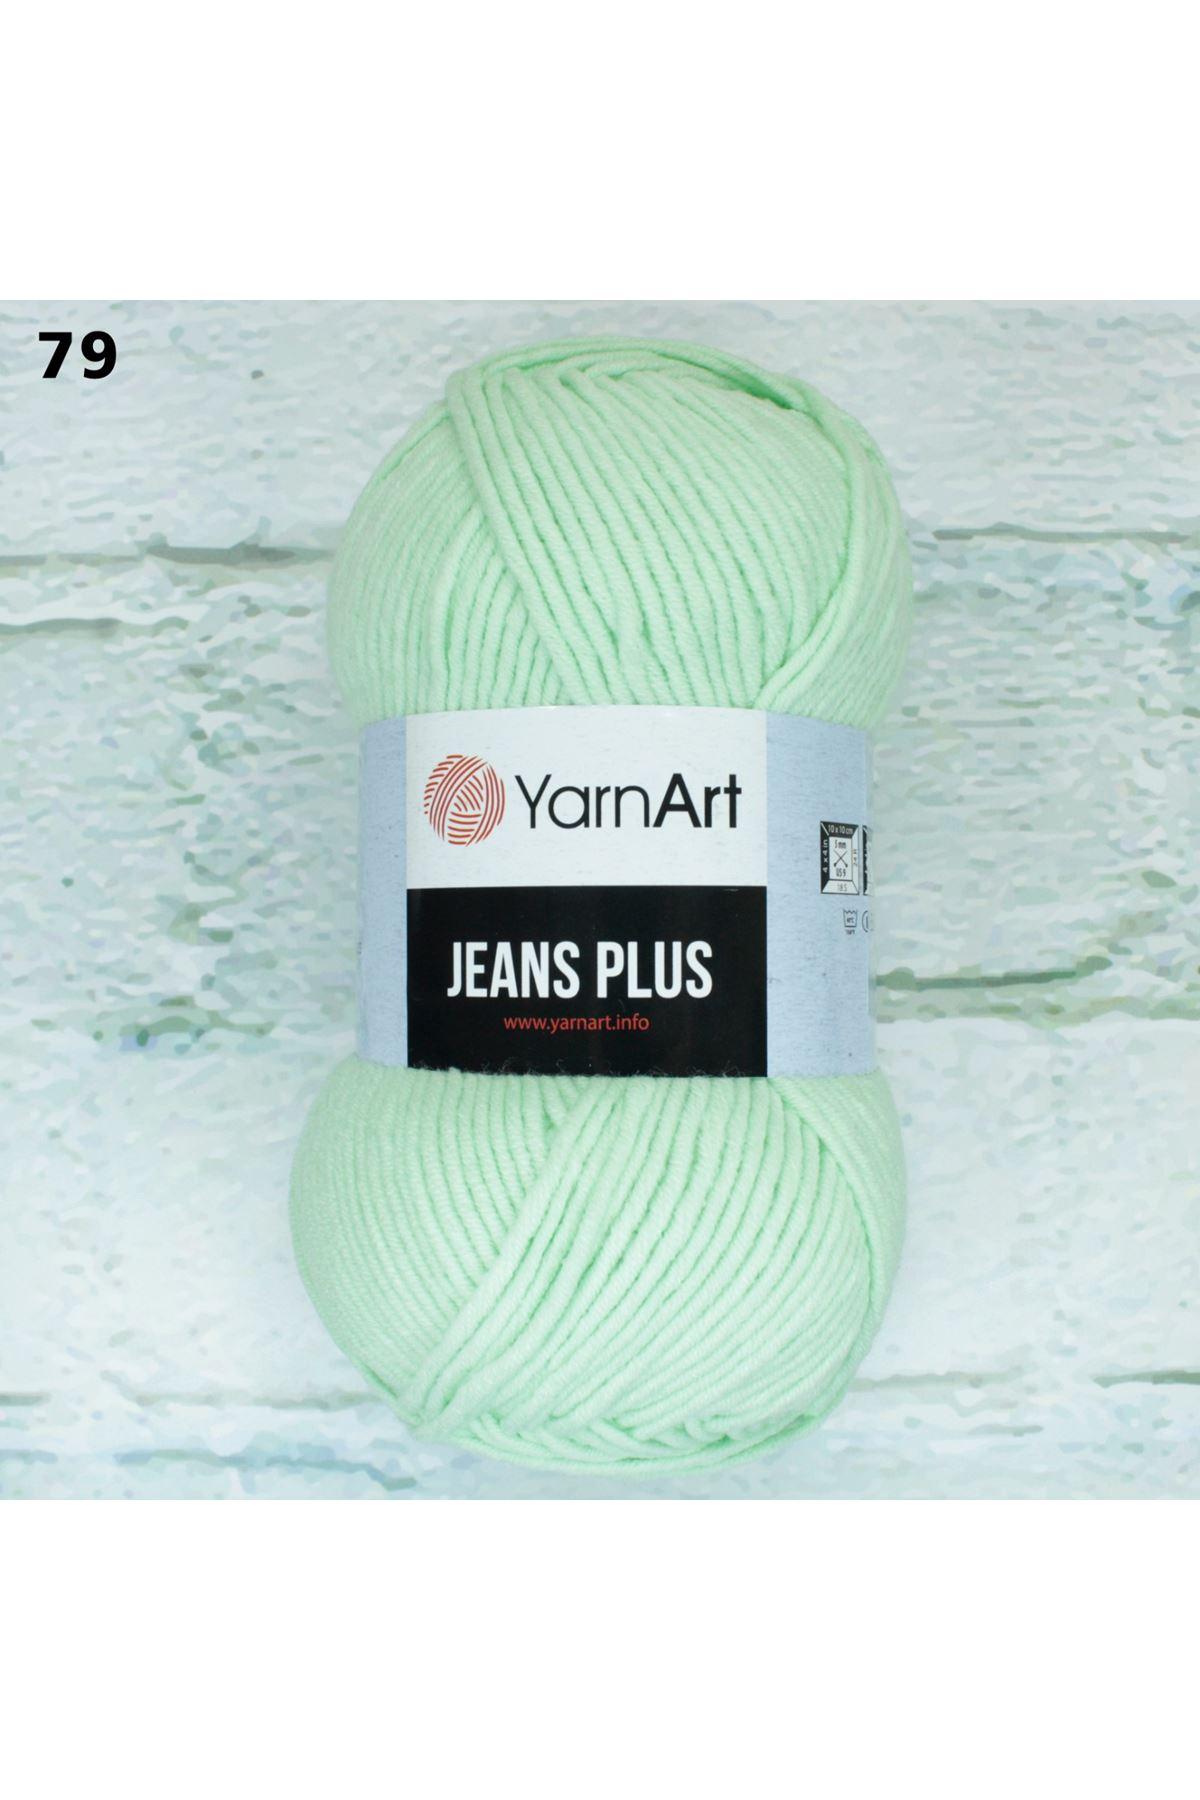 Yarnart Jeans Plus